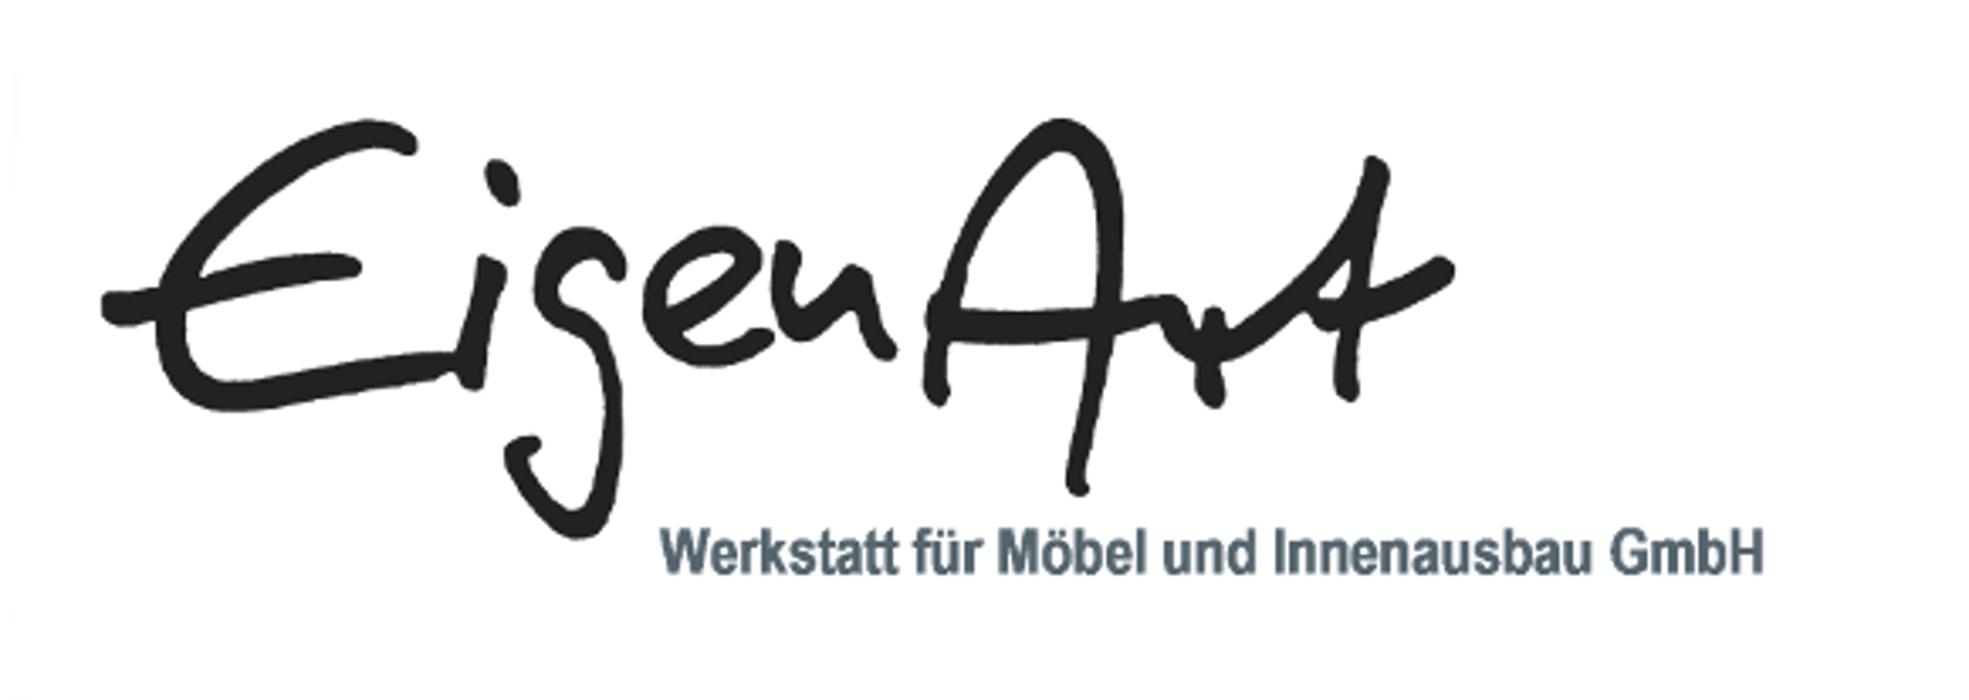 Bild zu EigenArt Werkstatt für Möbel und Innenausbau GmbH in Berlin